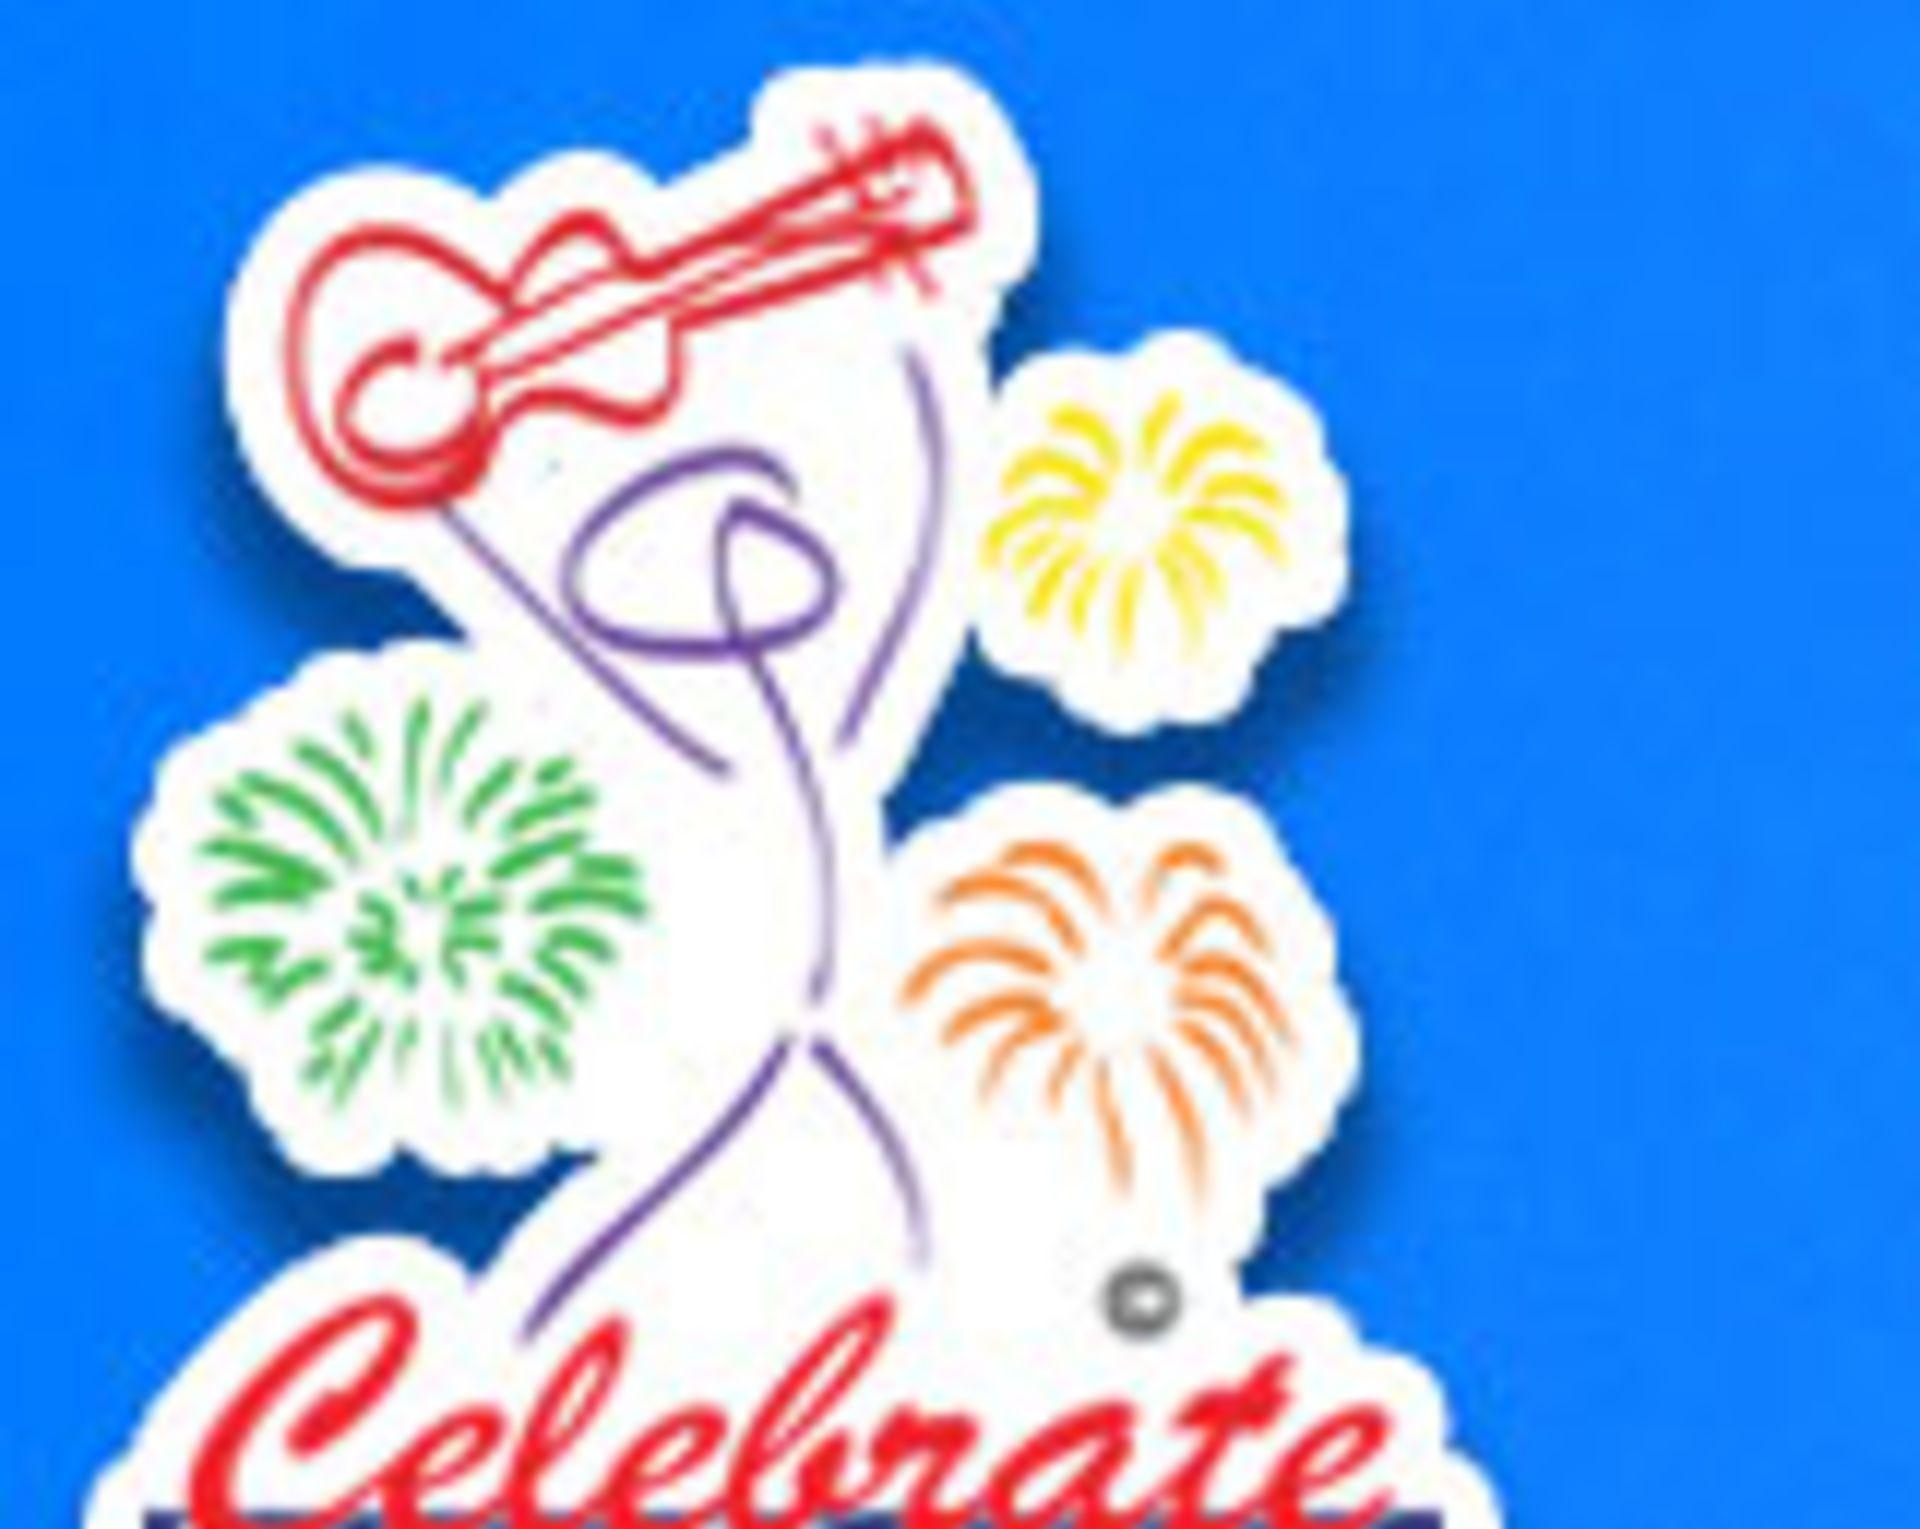 Celebrate De Pere!